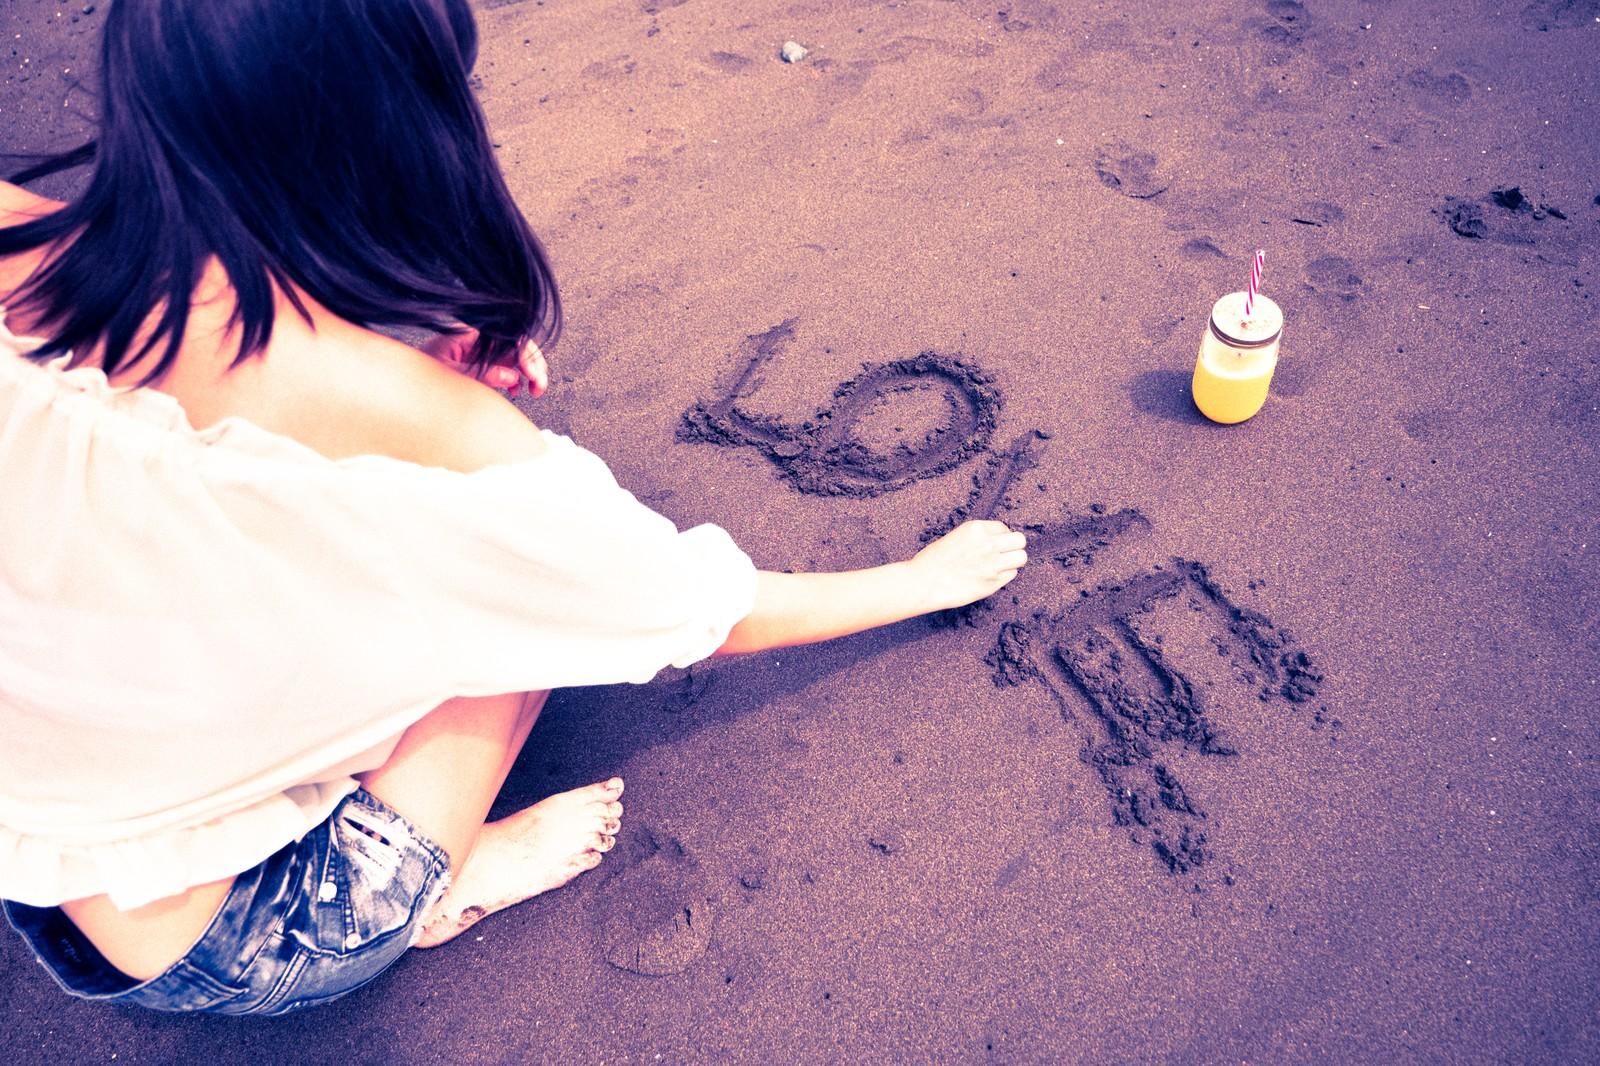 沖縄県で別れさせ屋が行った工作事例集【別れさせ屋リスト付き】